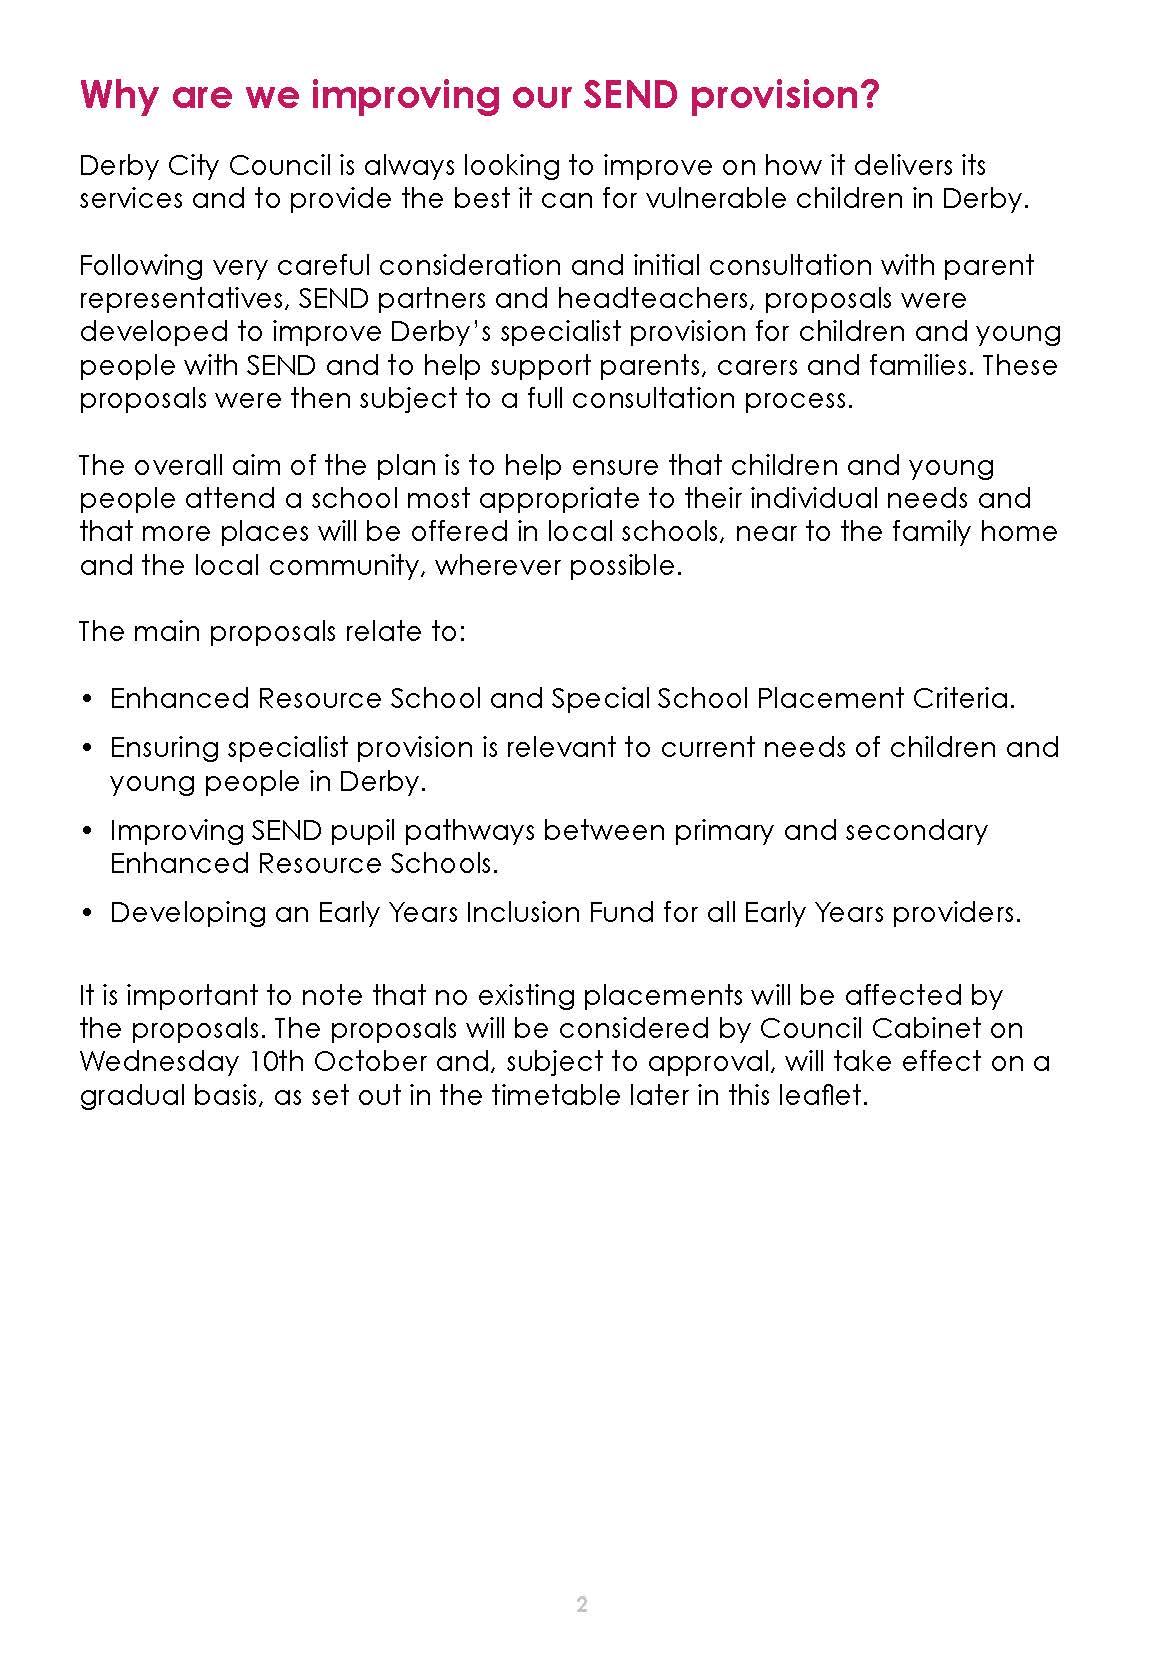 SEND Proposals leaflet_2018-19_Page_2.jpg